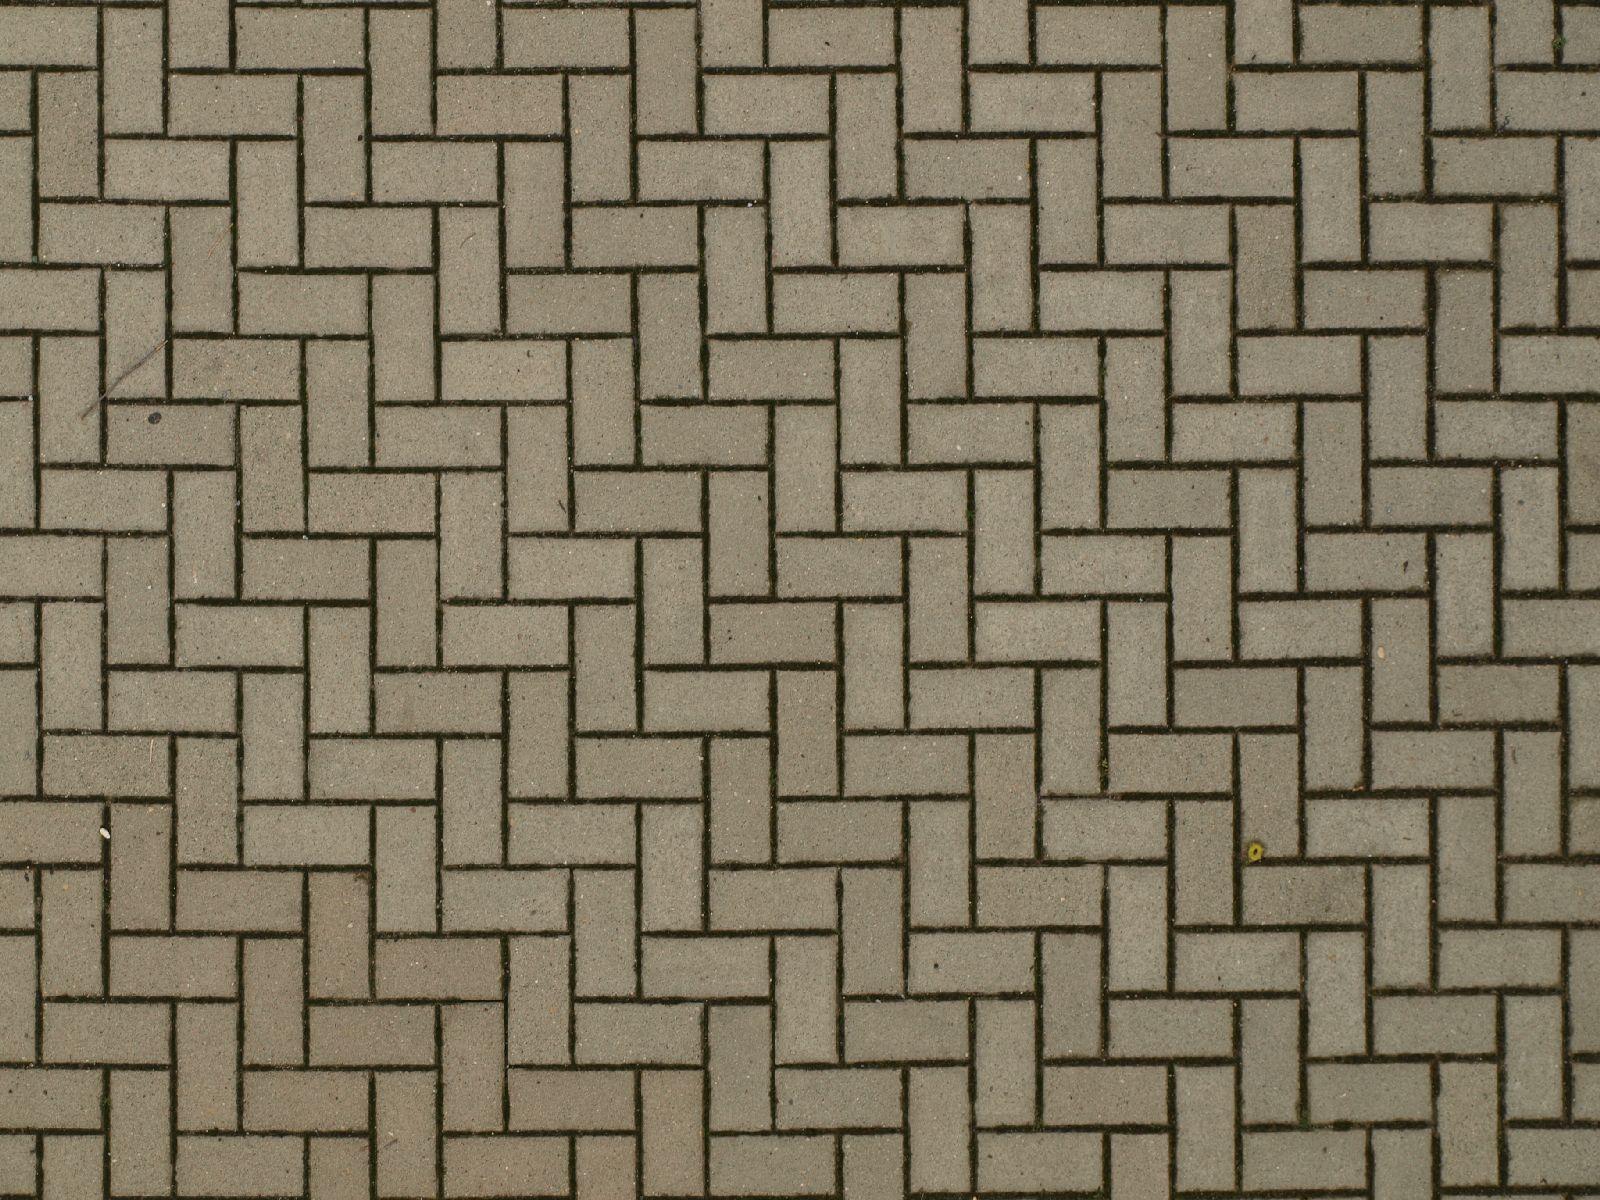 Boden-Gehweg-Strasse-Buergersteig-Textur_A_P5313138